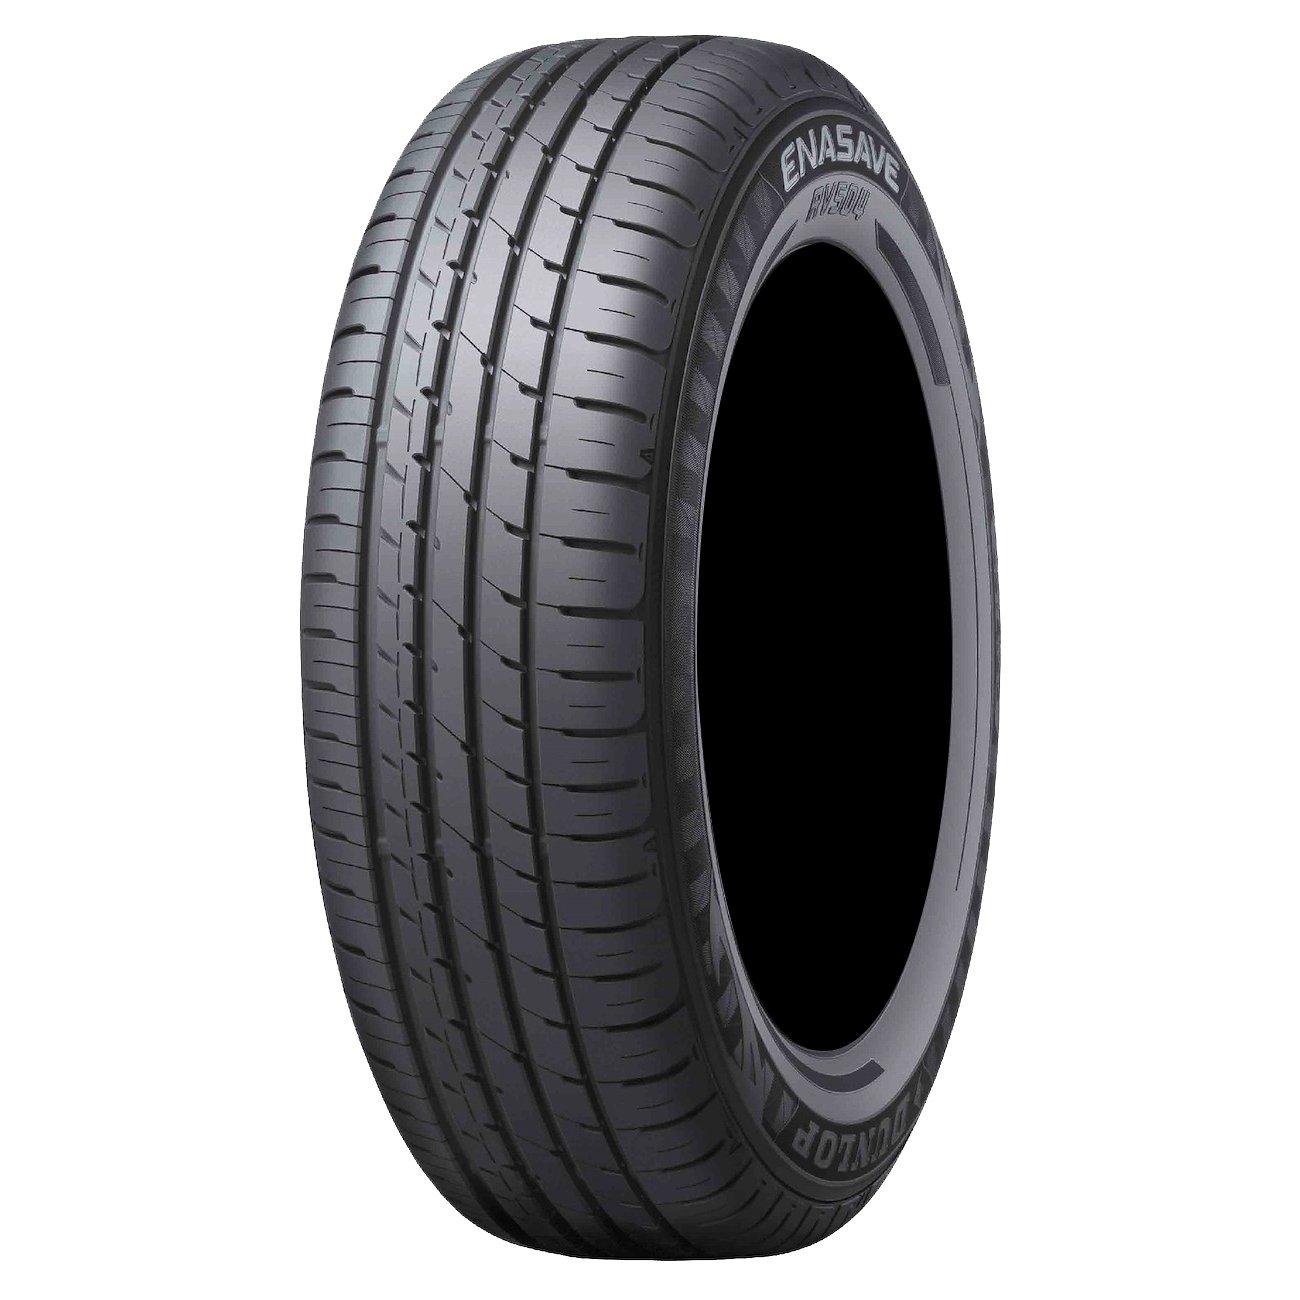 ダンロップ(DUNLOP) サマータイヤ ENASAVE RV504 205/65R16 95H 317201.0 B00U4P7ICO